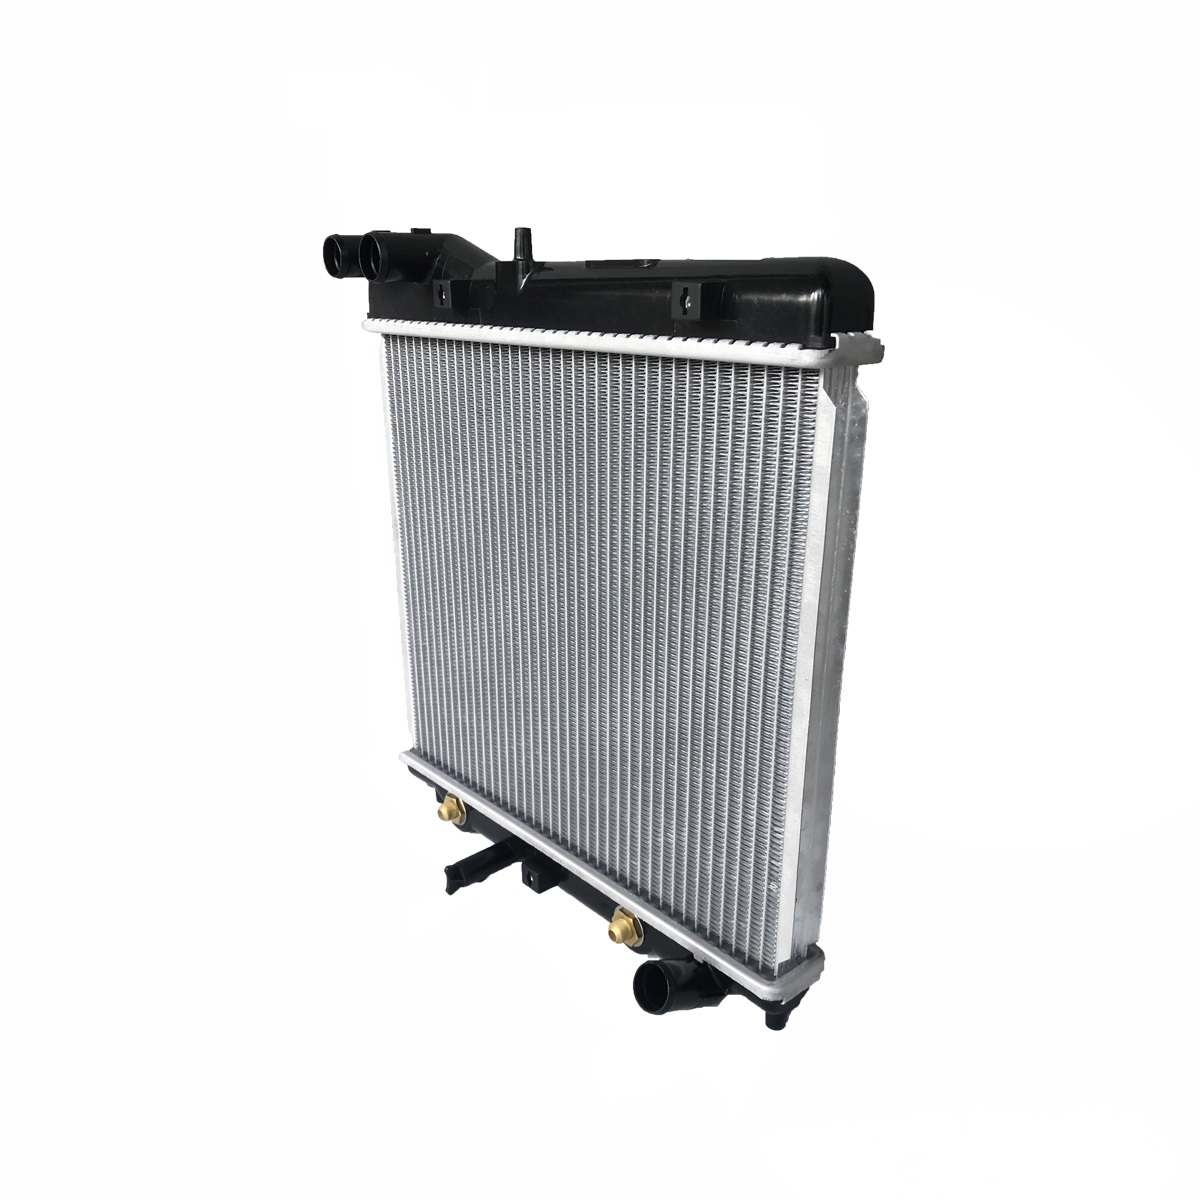 Radiador Honda Fit 1.2 1.5 16V Com Ar Manual / Automático 2003 a 2008